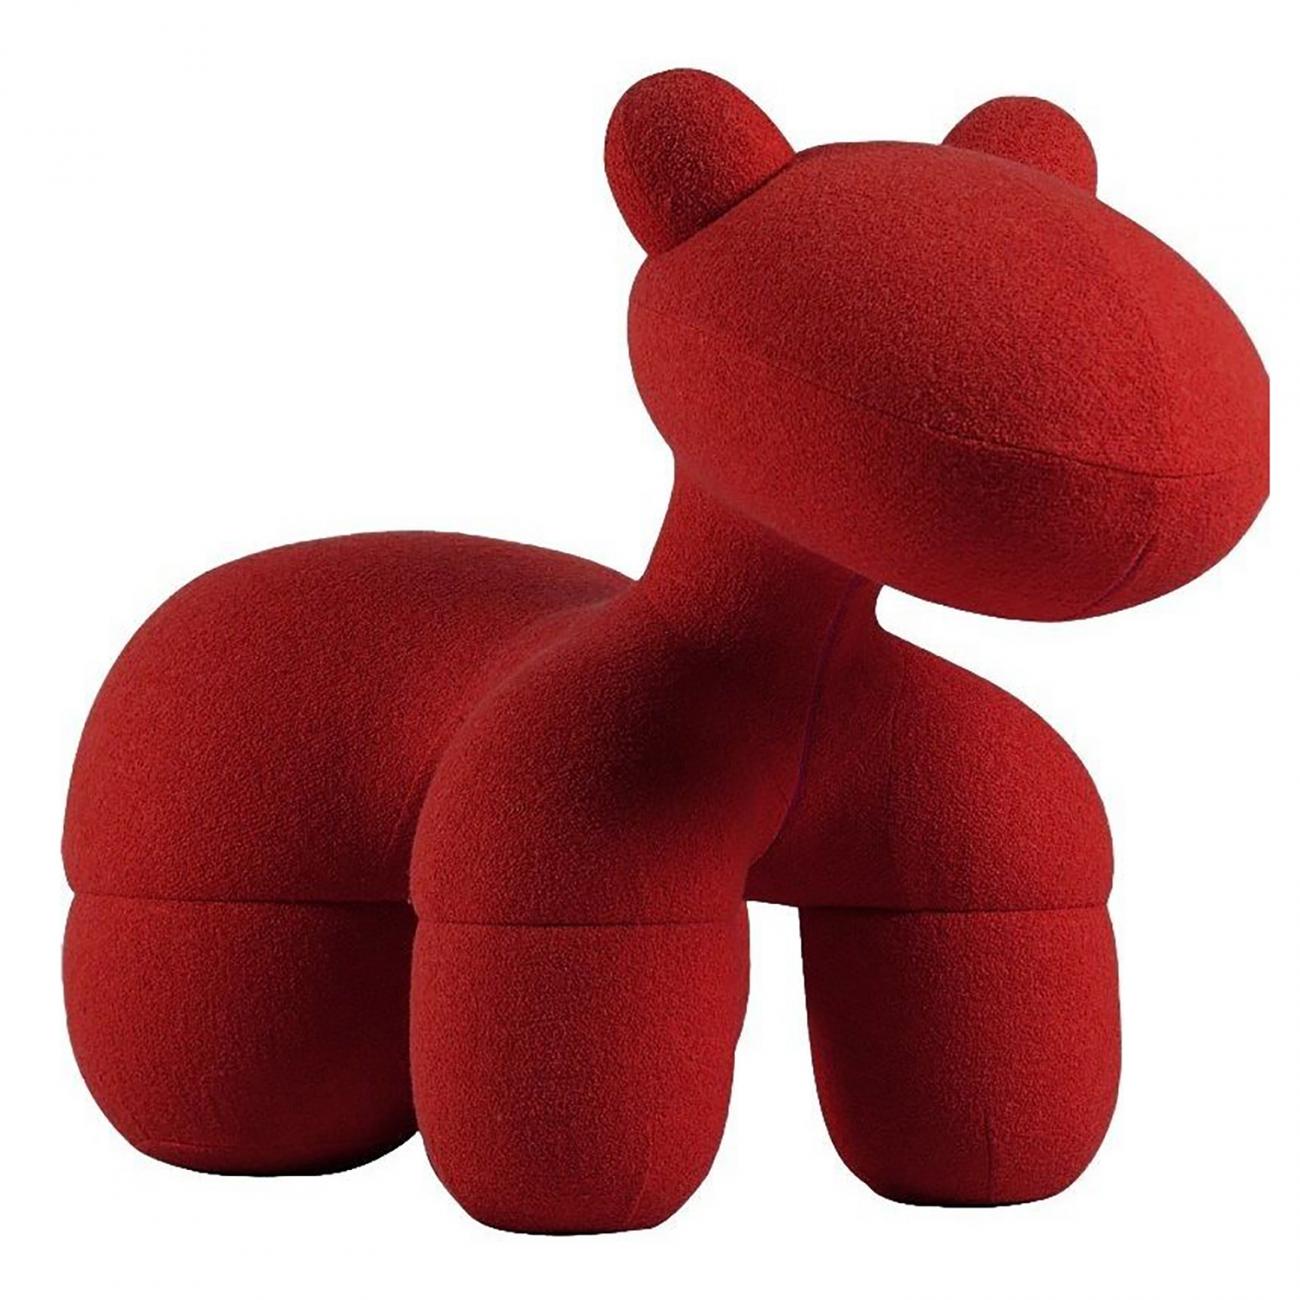 Купить Детское кресло Pony Chair Красное Шерсть в интернет магазине дизайнерской мебели и аксессуаров для дома и дачи